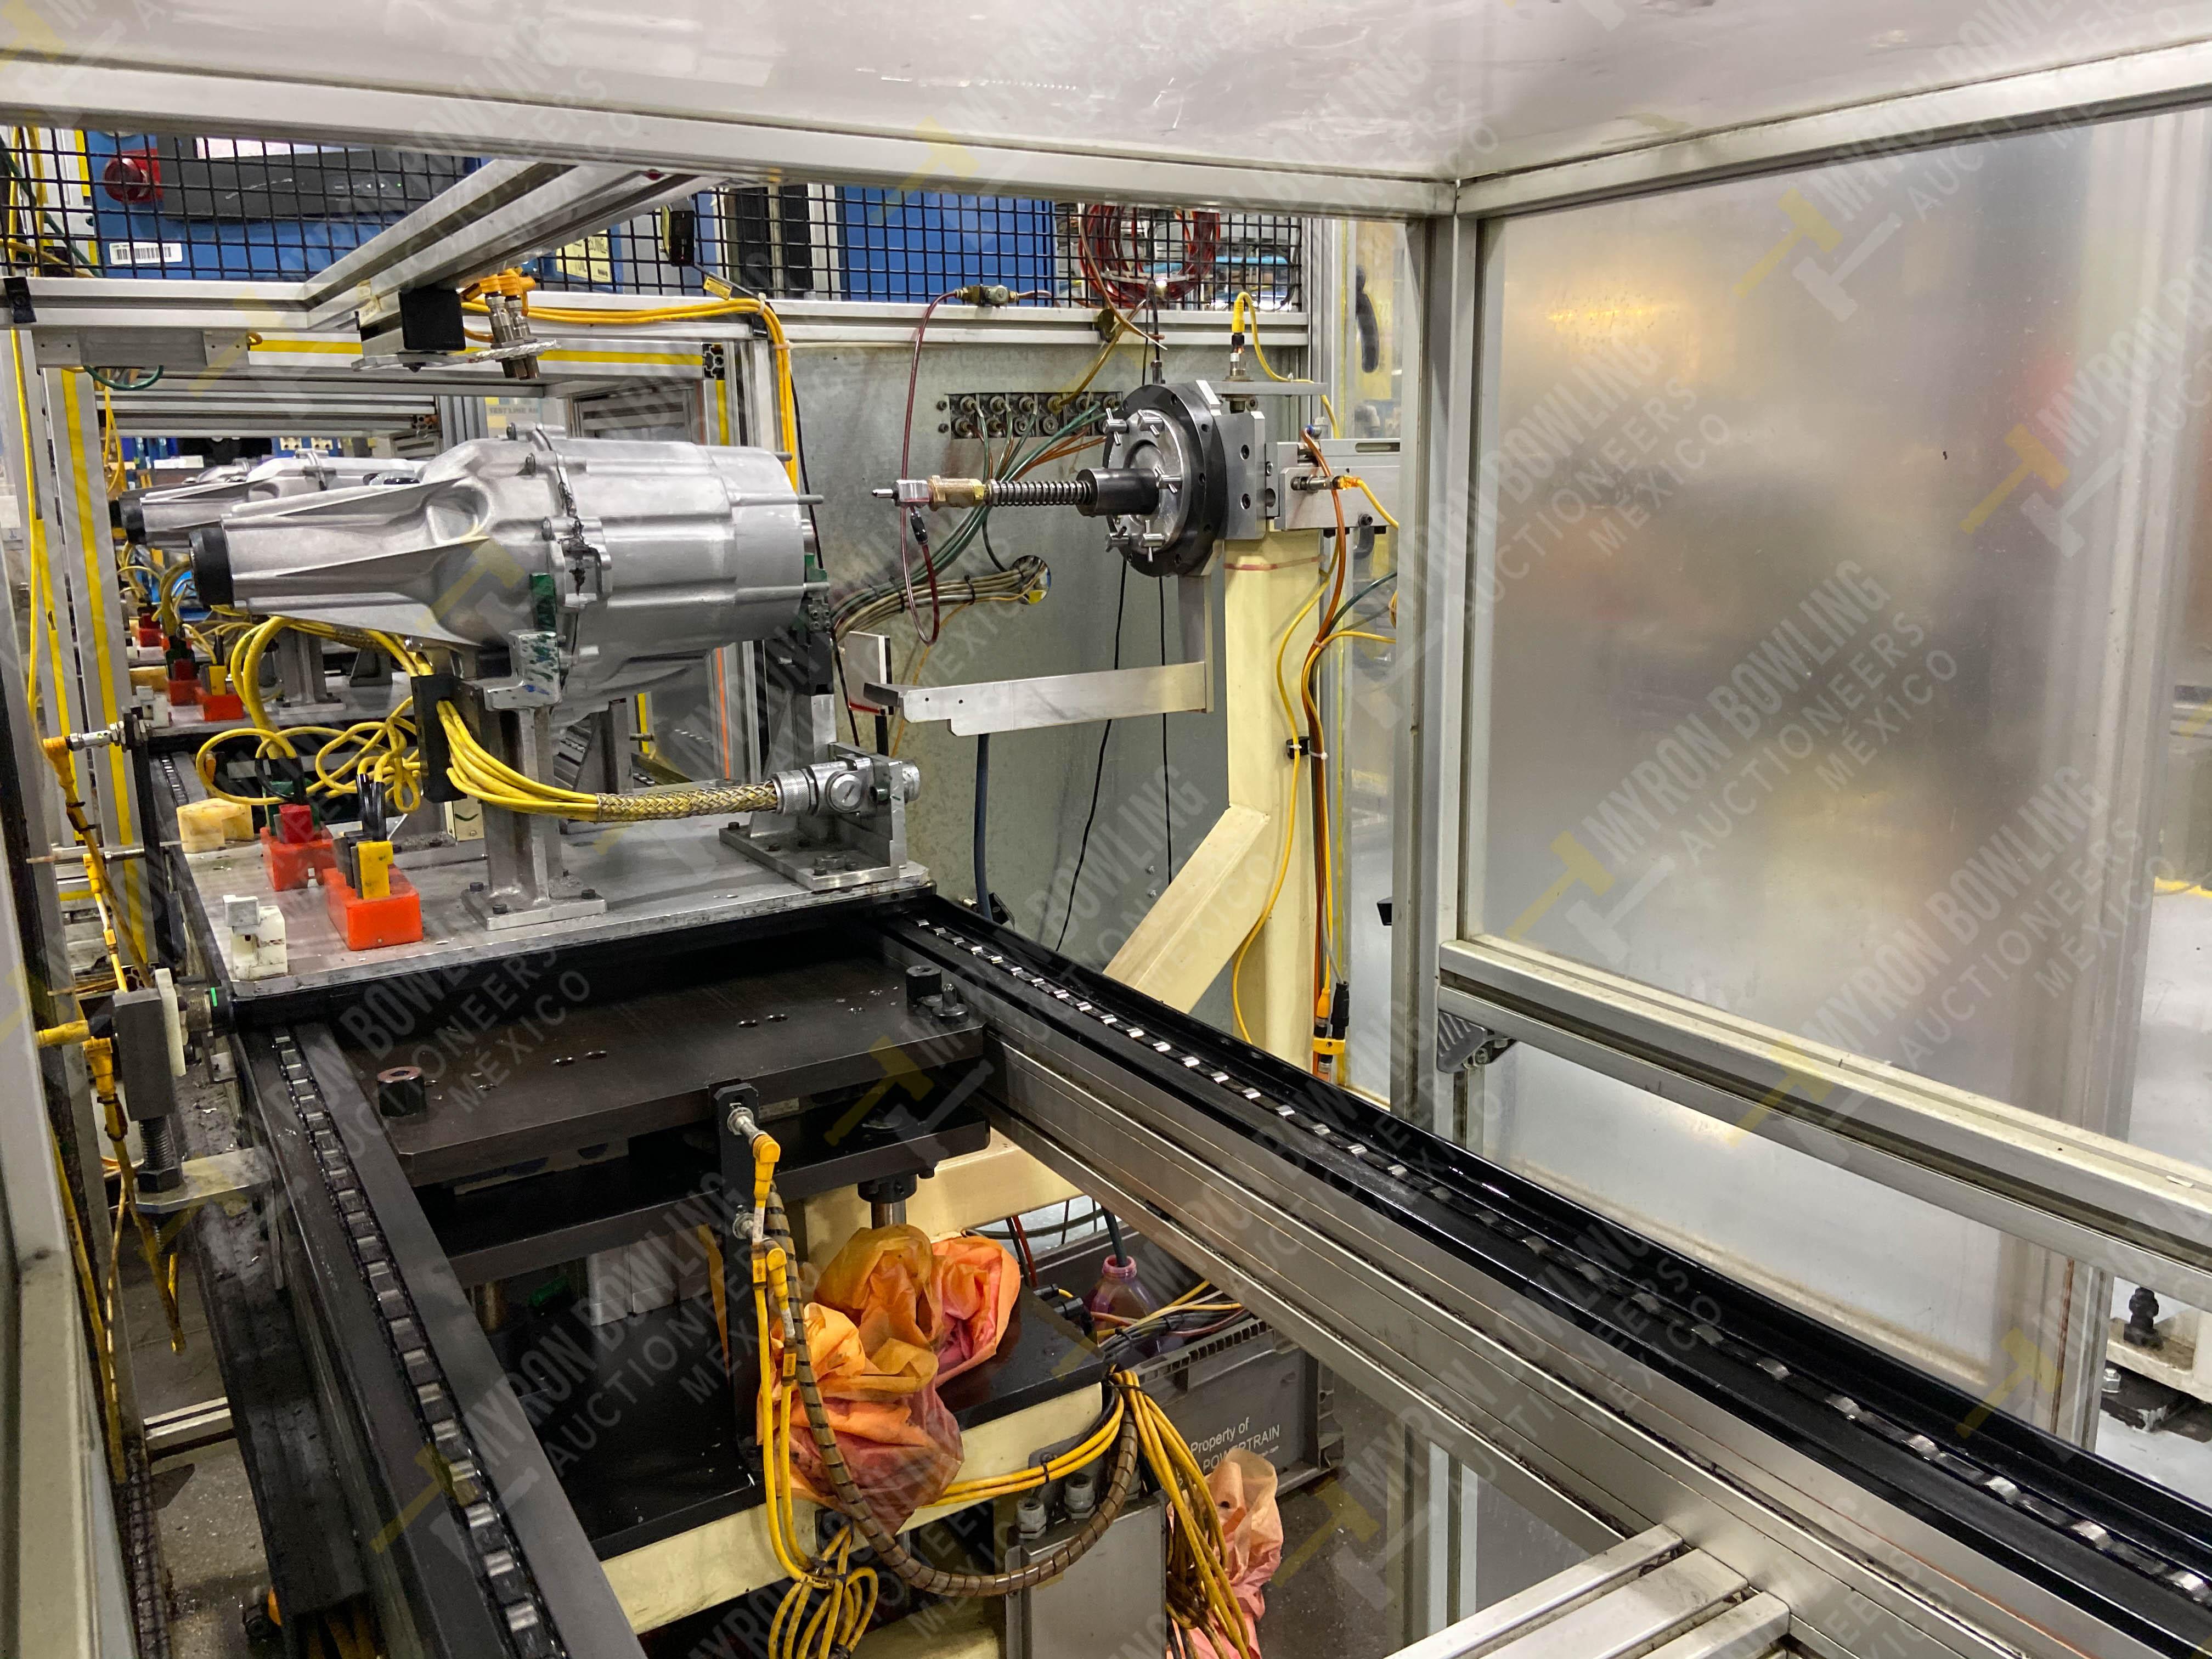 Estación semiautomática para operación 415, contiene: Máquina pesadora de piezas con 1 cilindro - Image 15 of 16